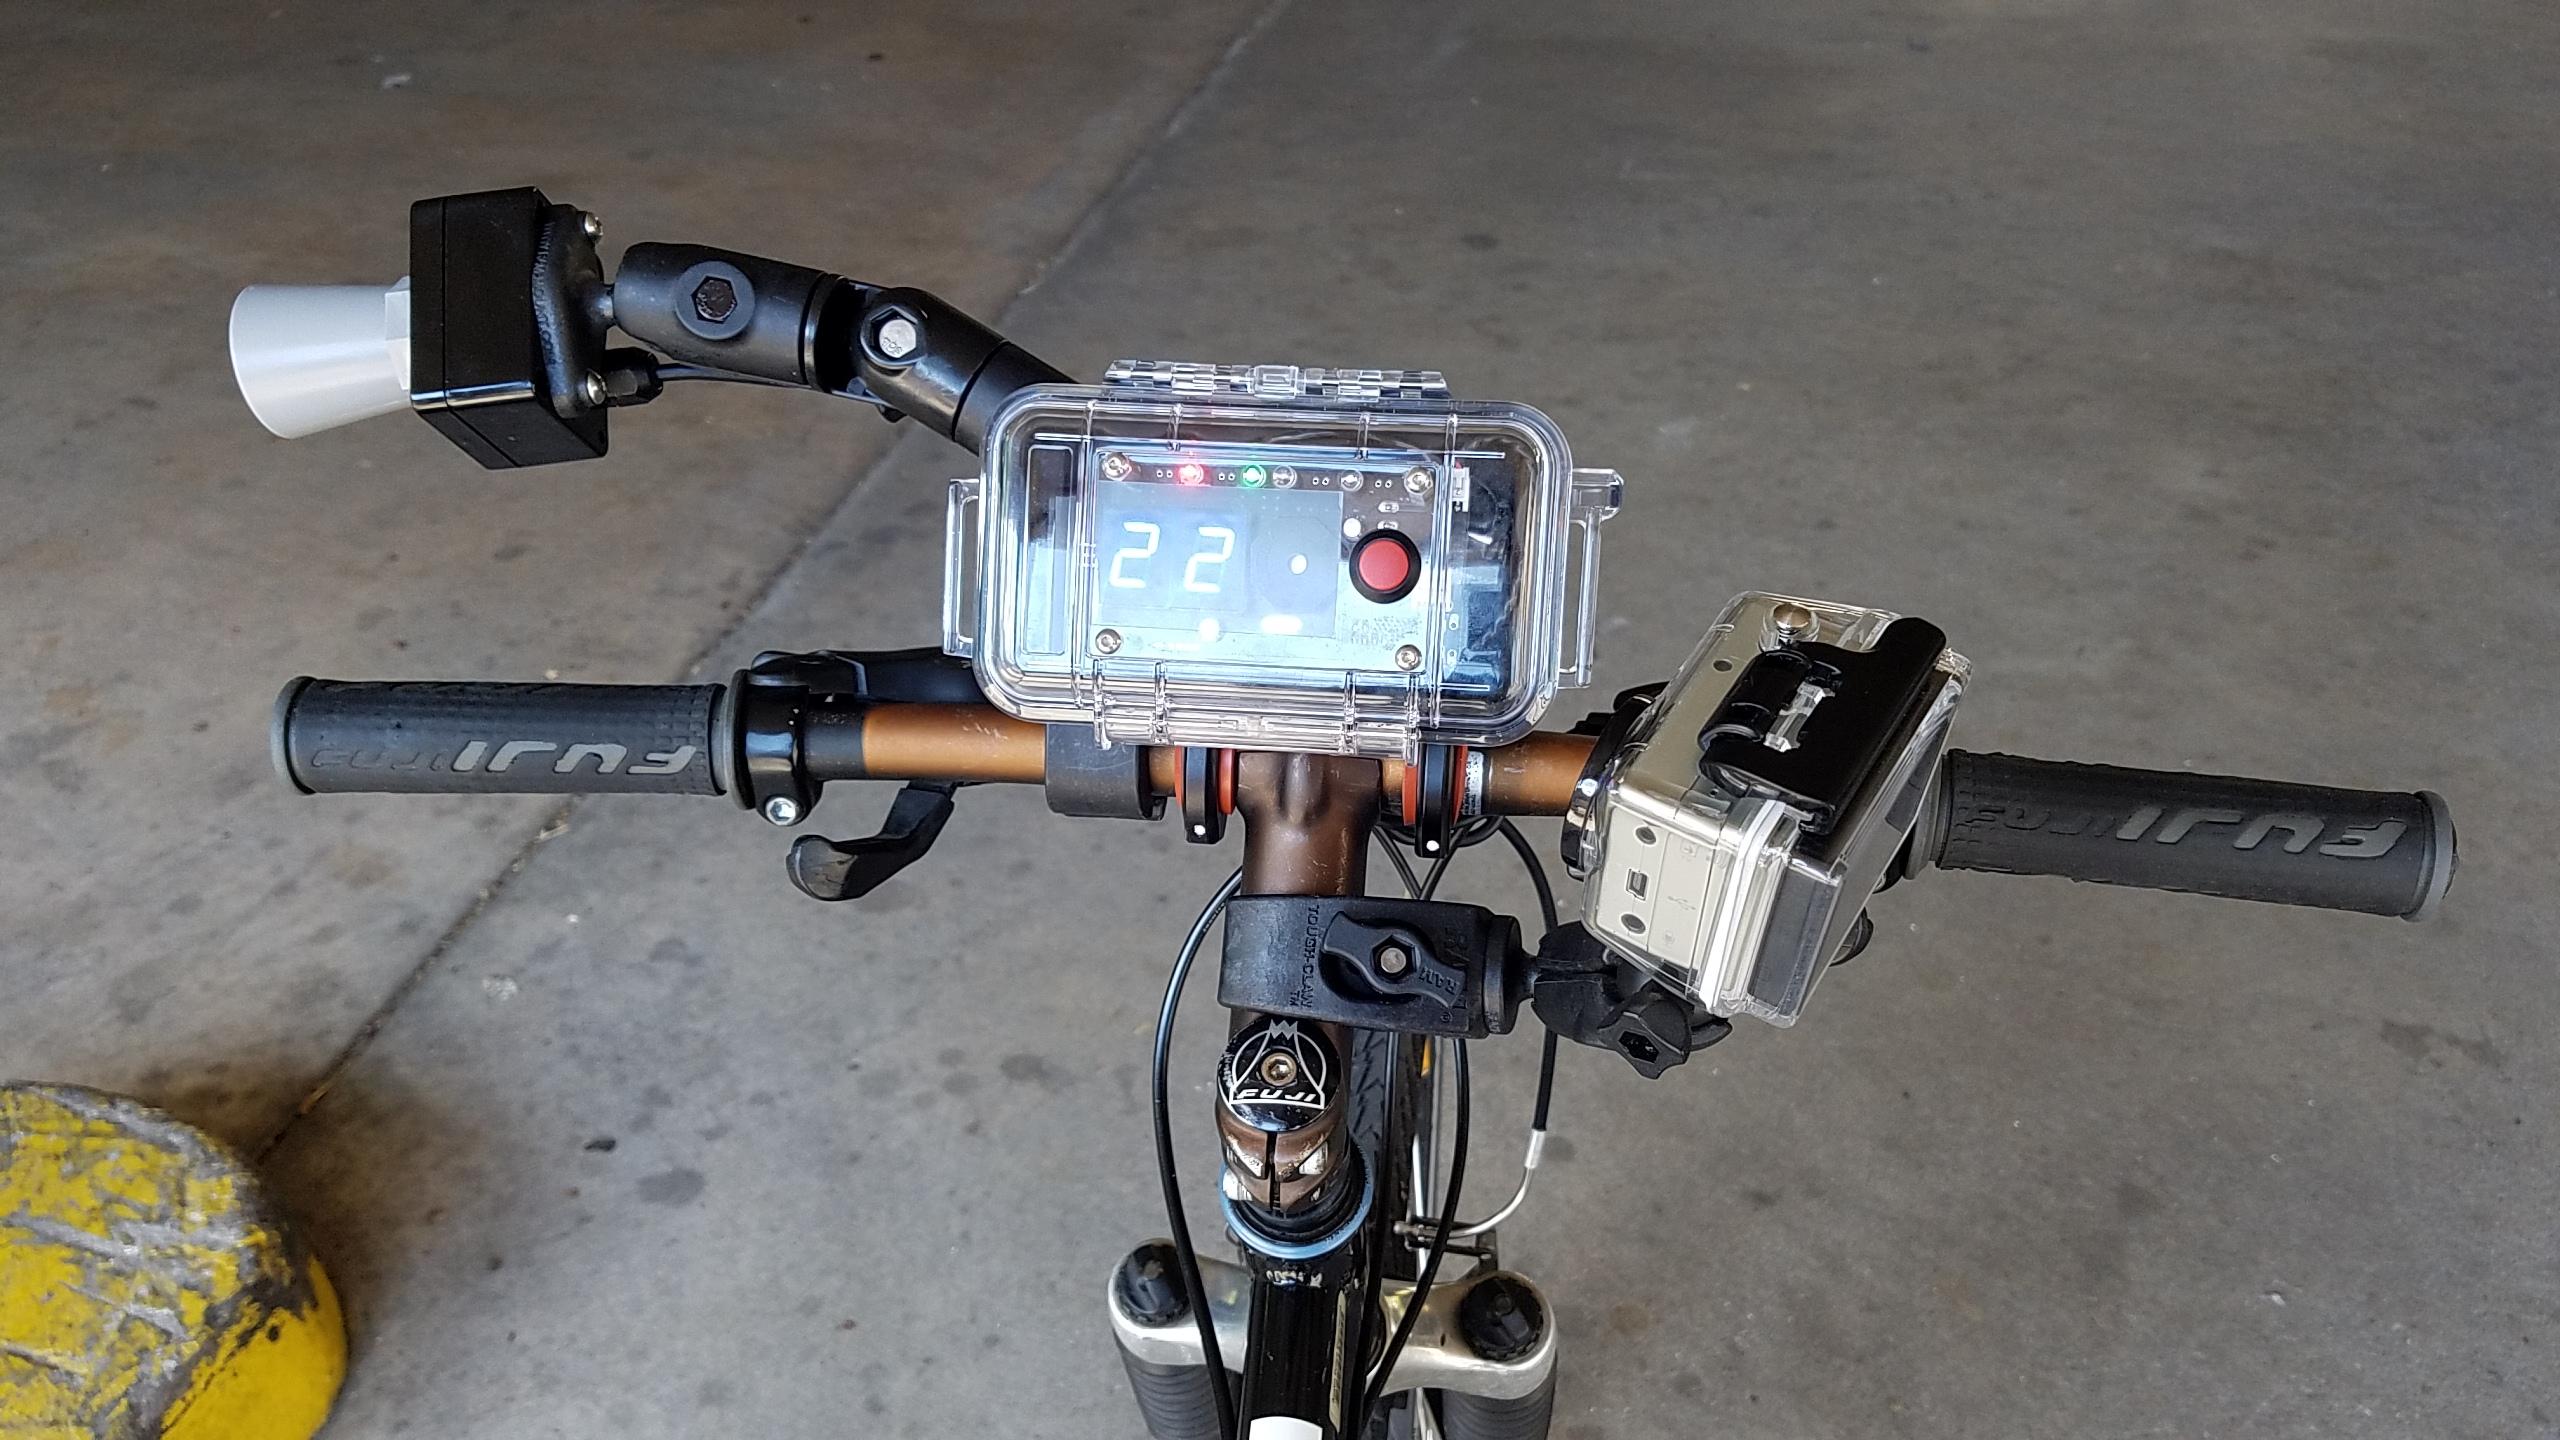 APD - Bike Bicycle Mounted measuring system_361703